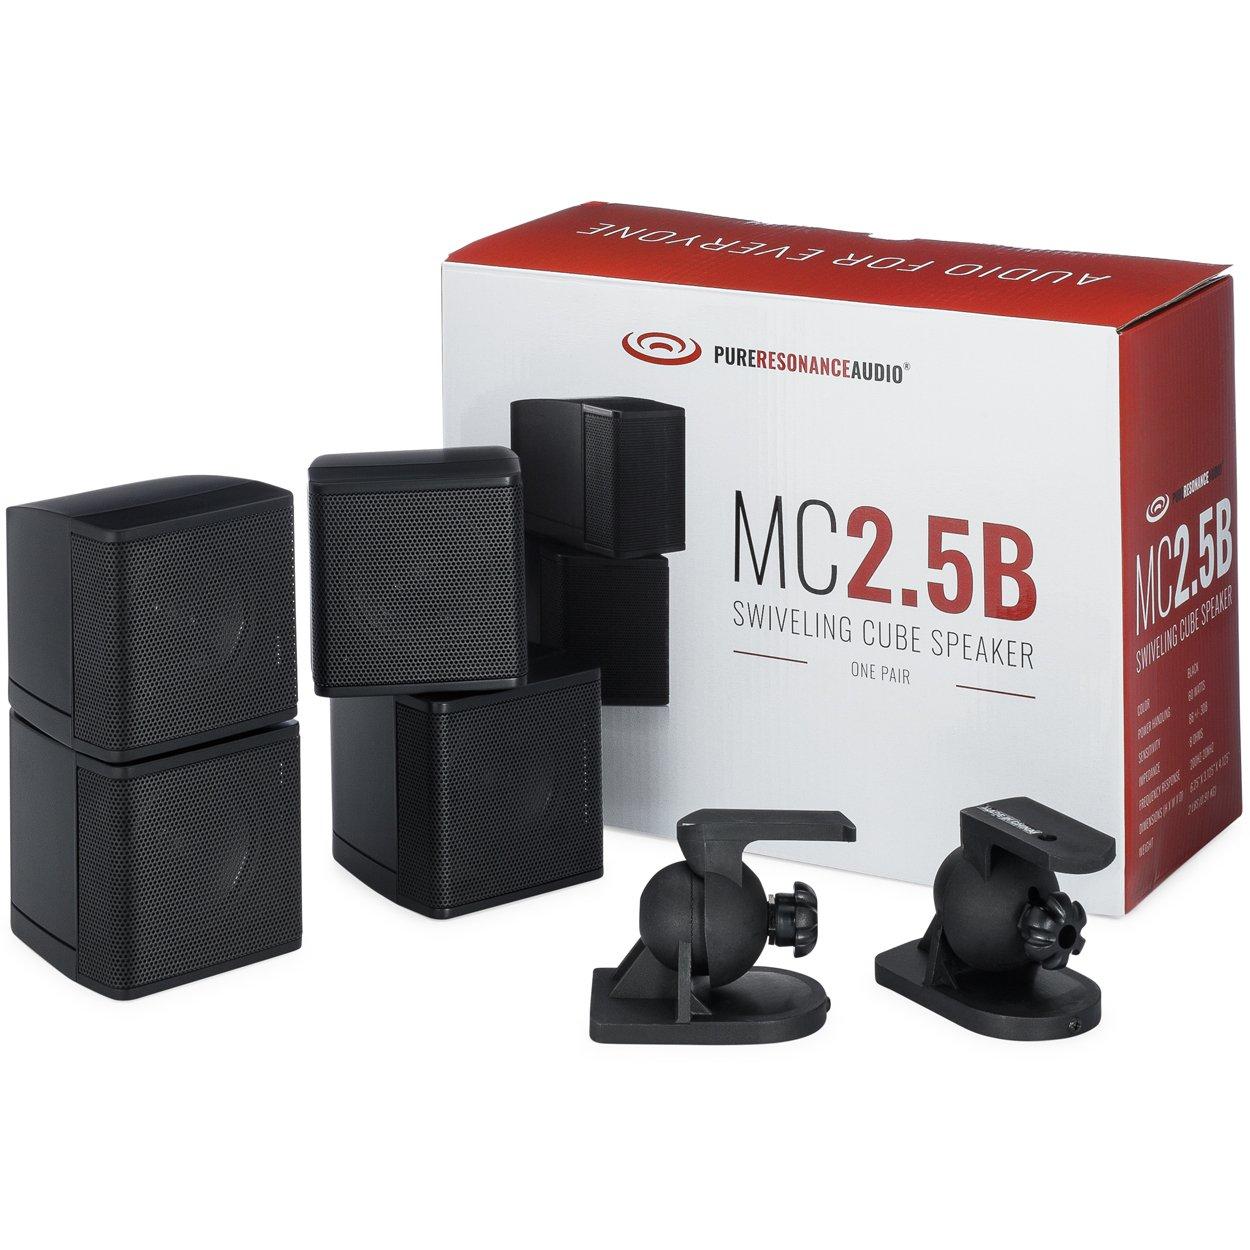 Pure Resonance Audio MC2.5B - Mini Cube Speaker 2.5 inch Swivel Surround Sound (Pair, Black) by Pure Resonance Audio